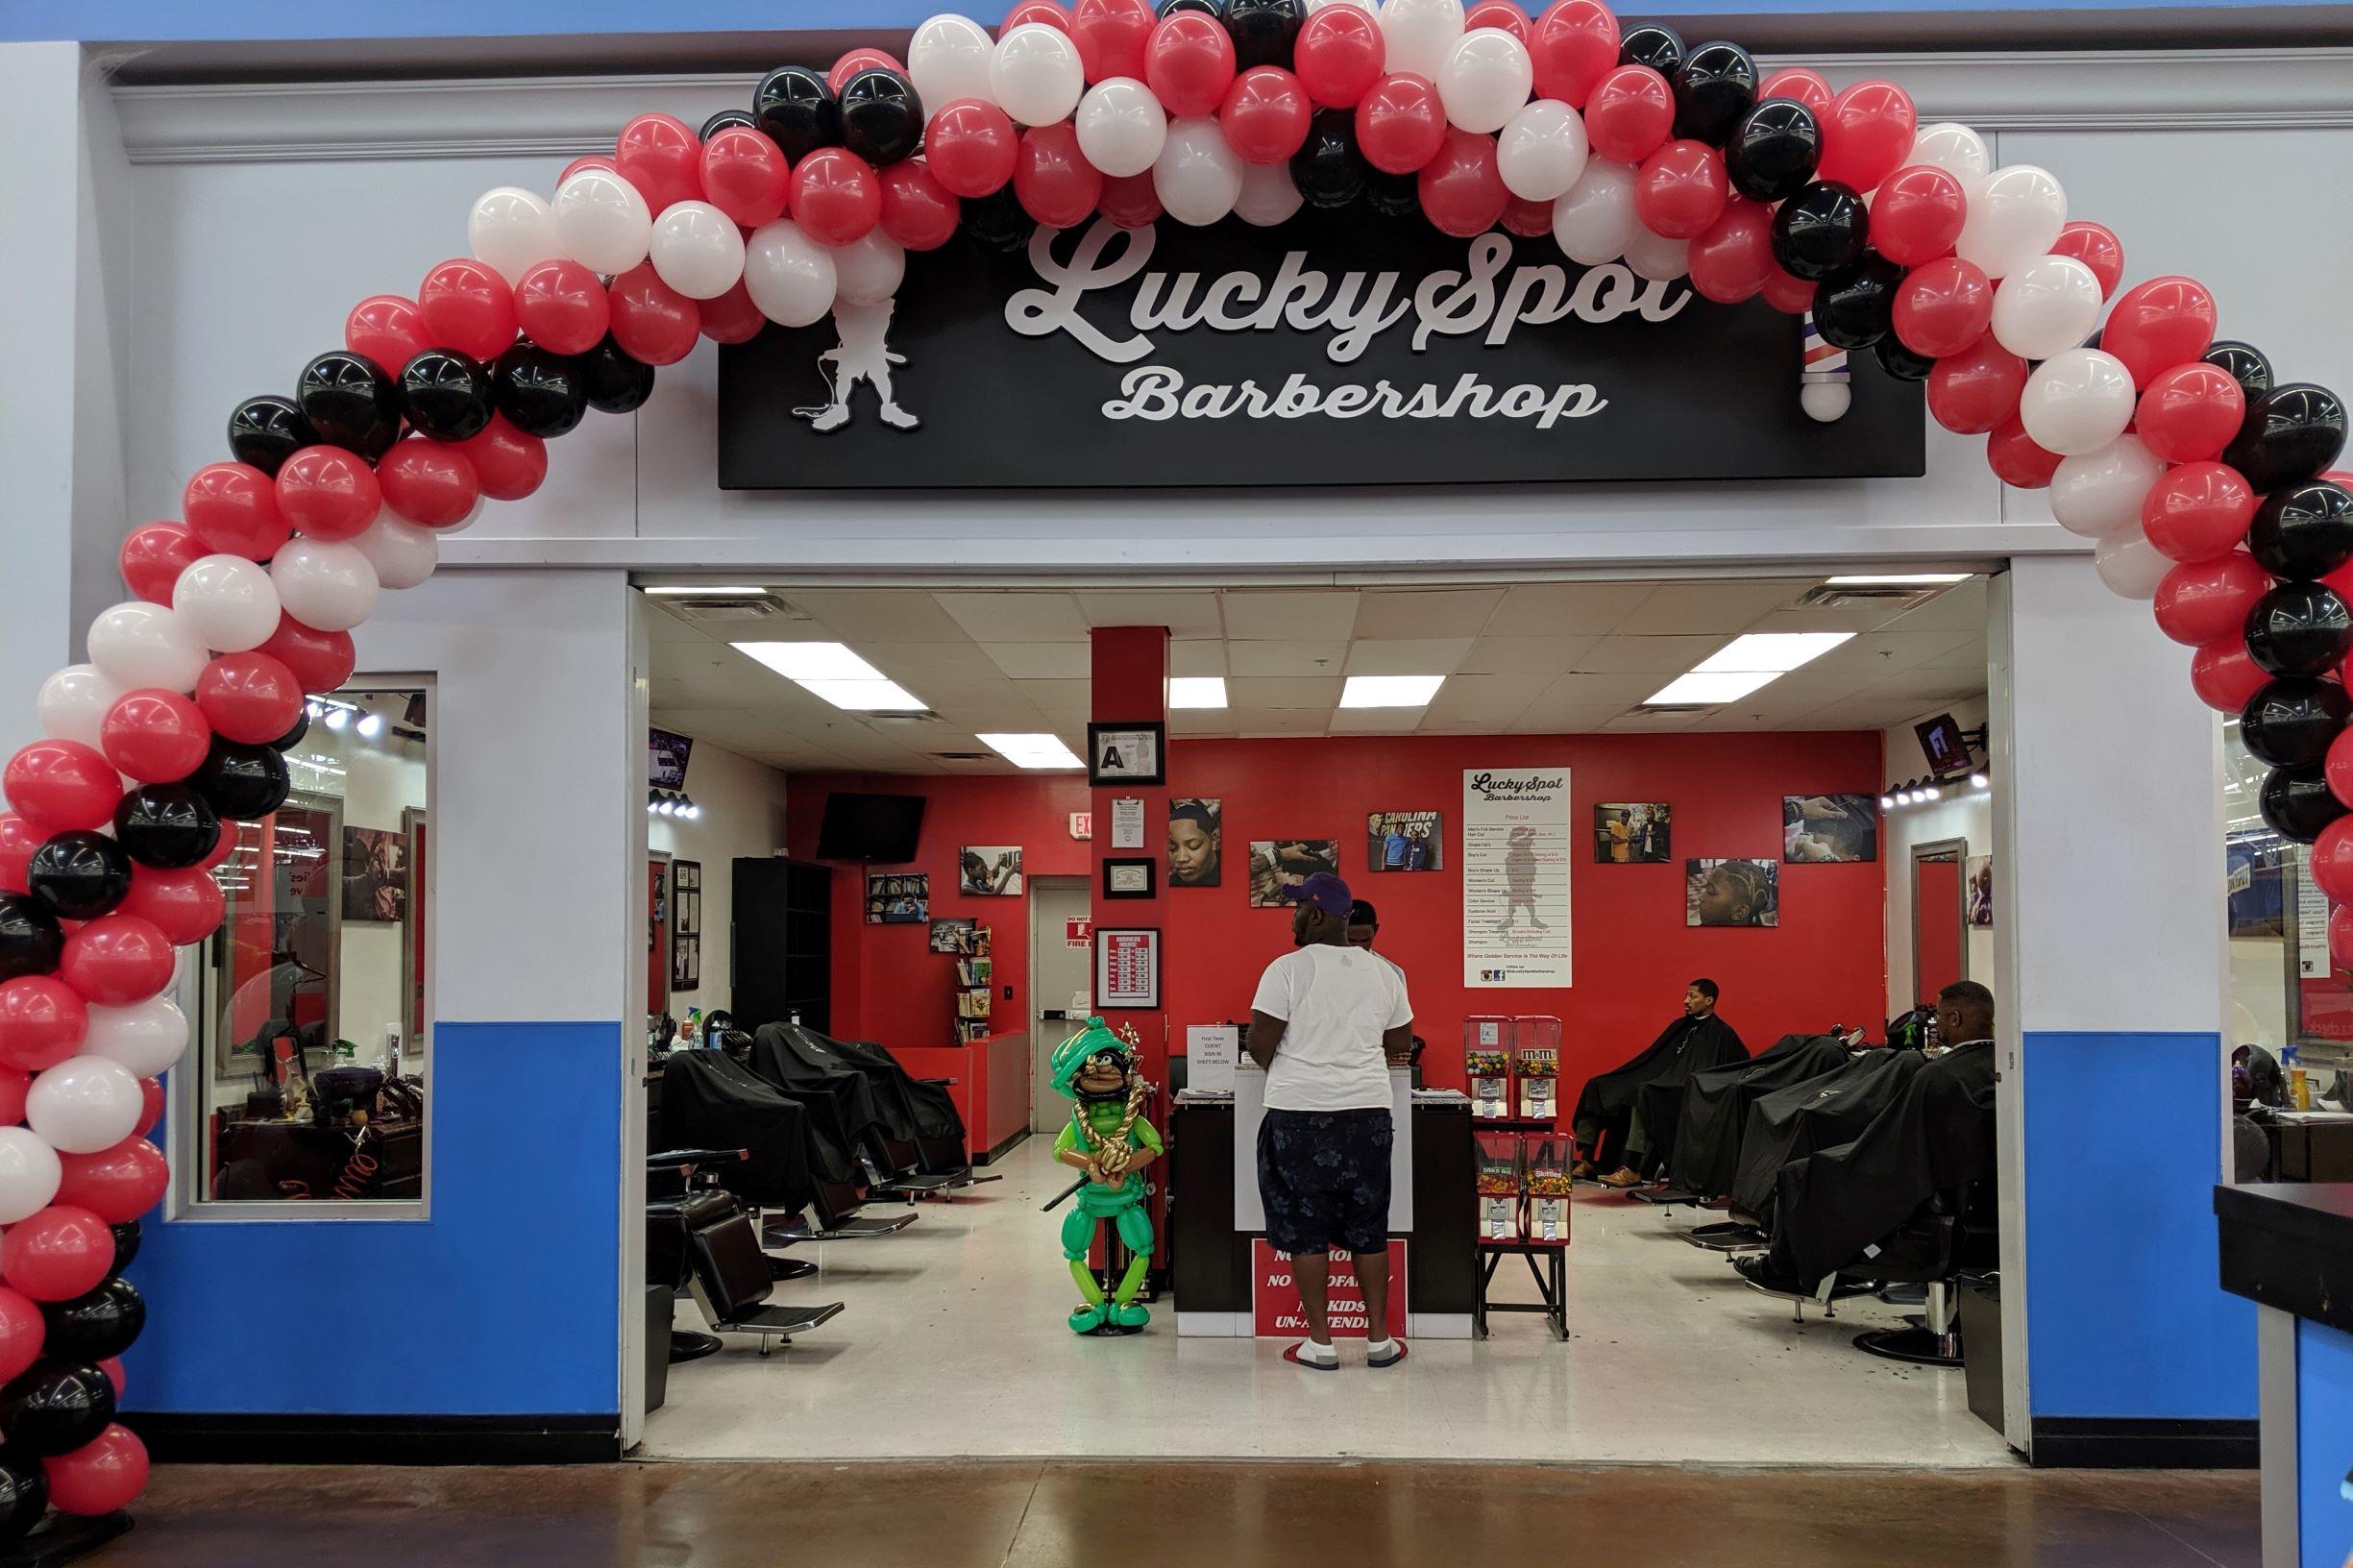 Lucky-Spot-barbershop